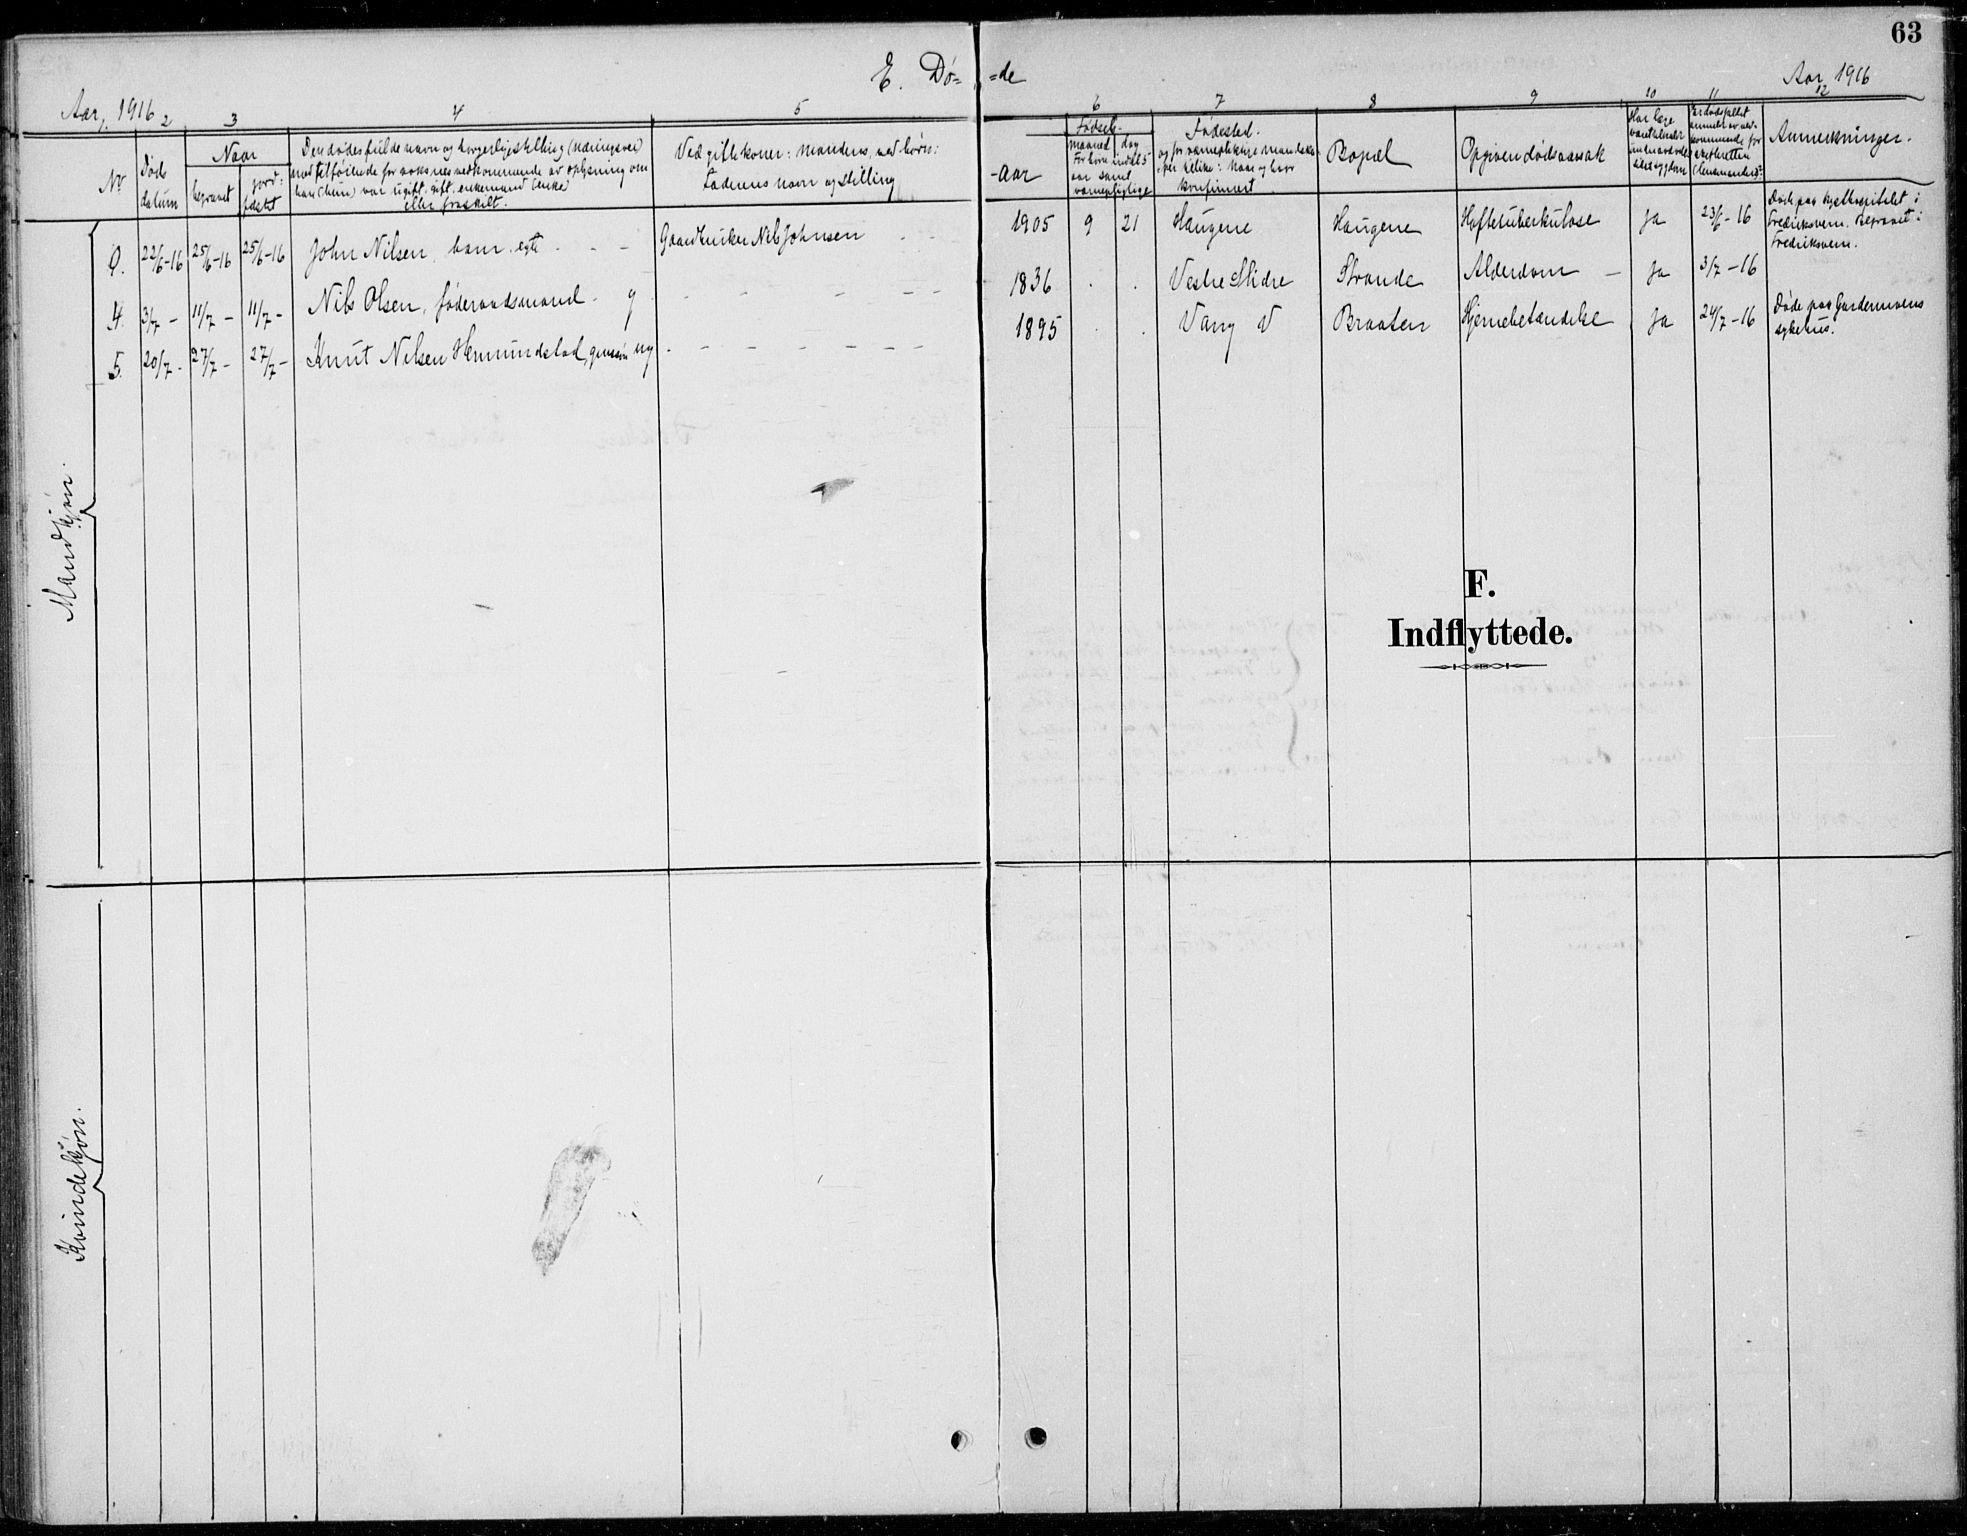 SAH, Øystre Slidre prestekontor, Ministerialbok nr. 5, 1887-1916, s. 63